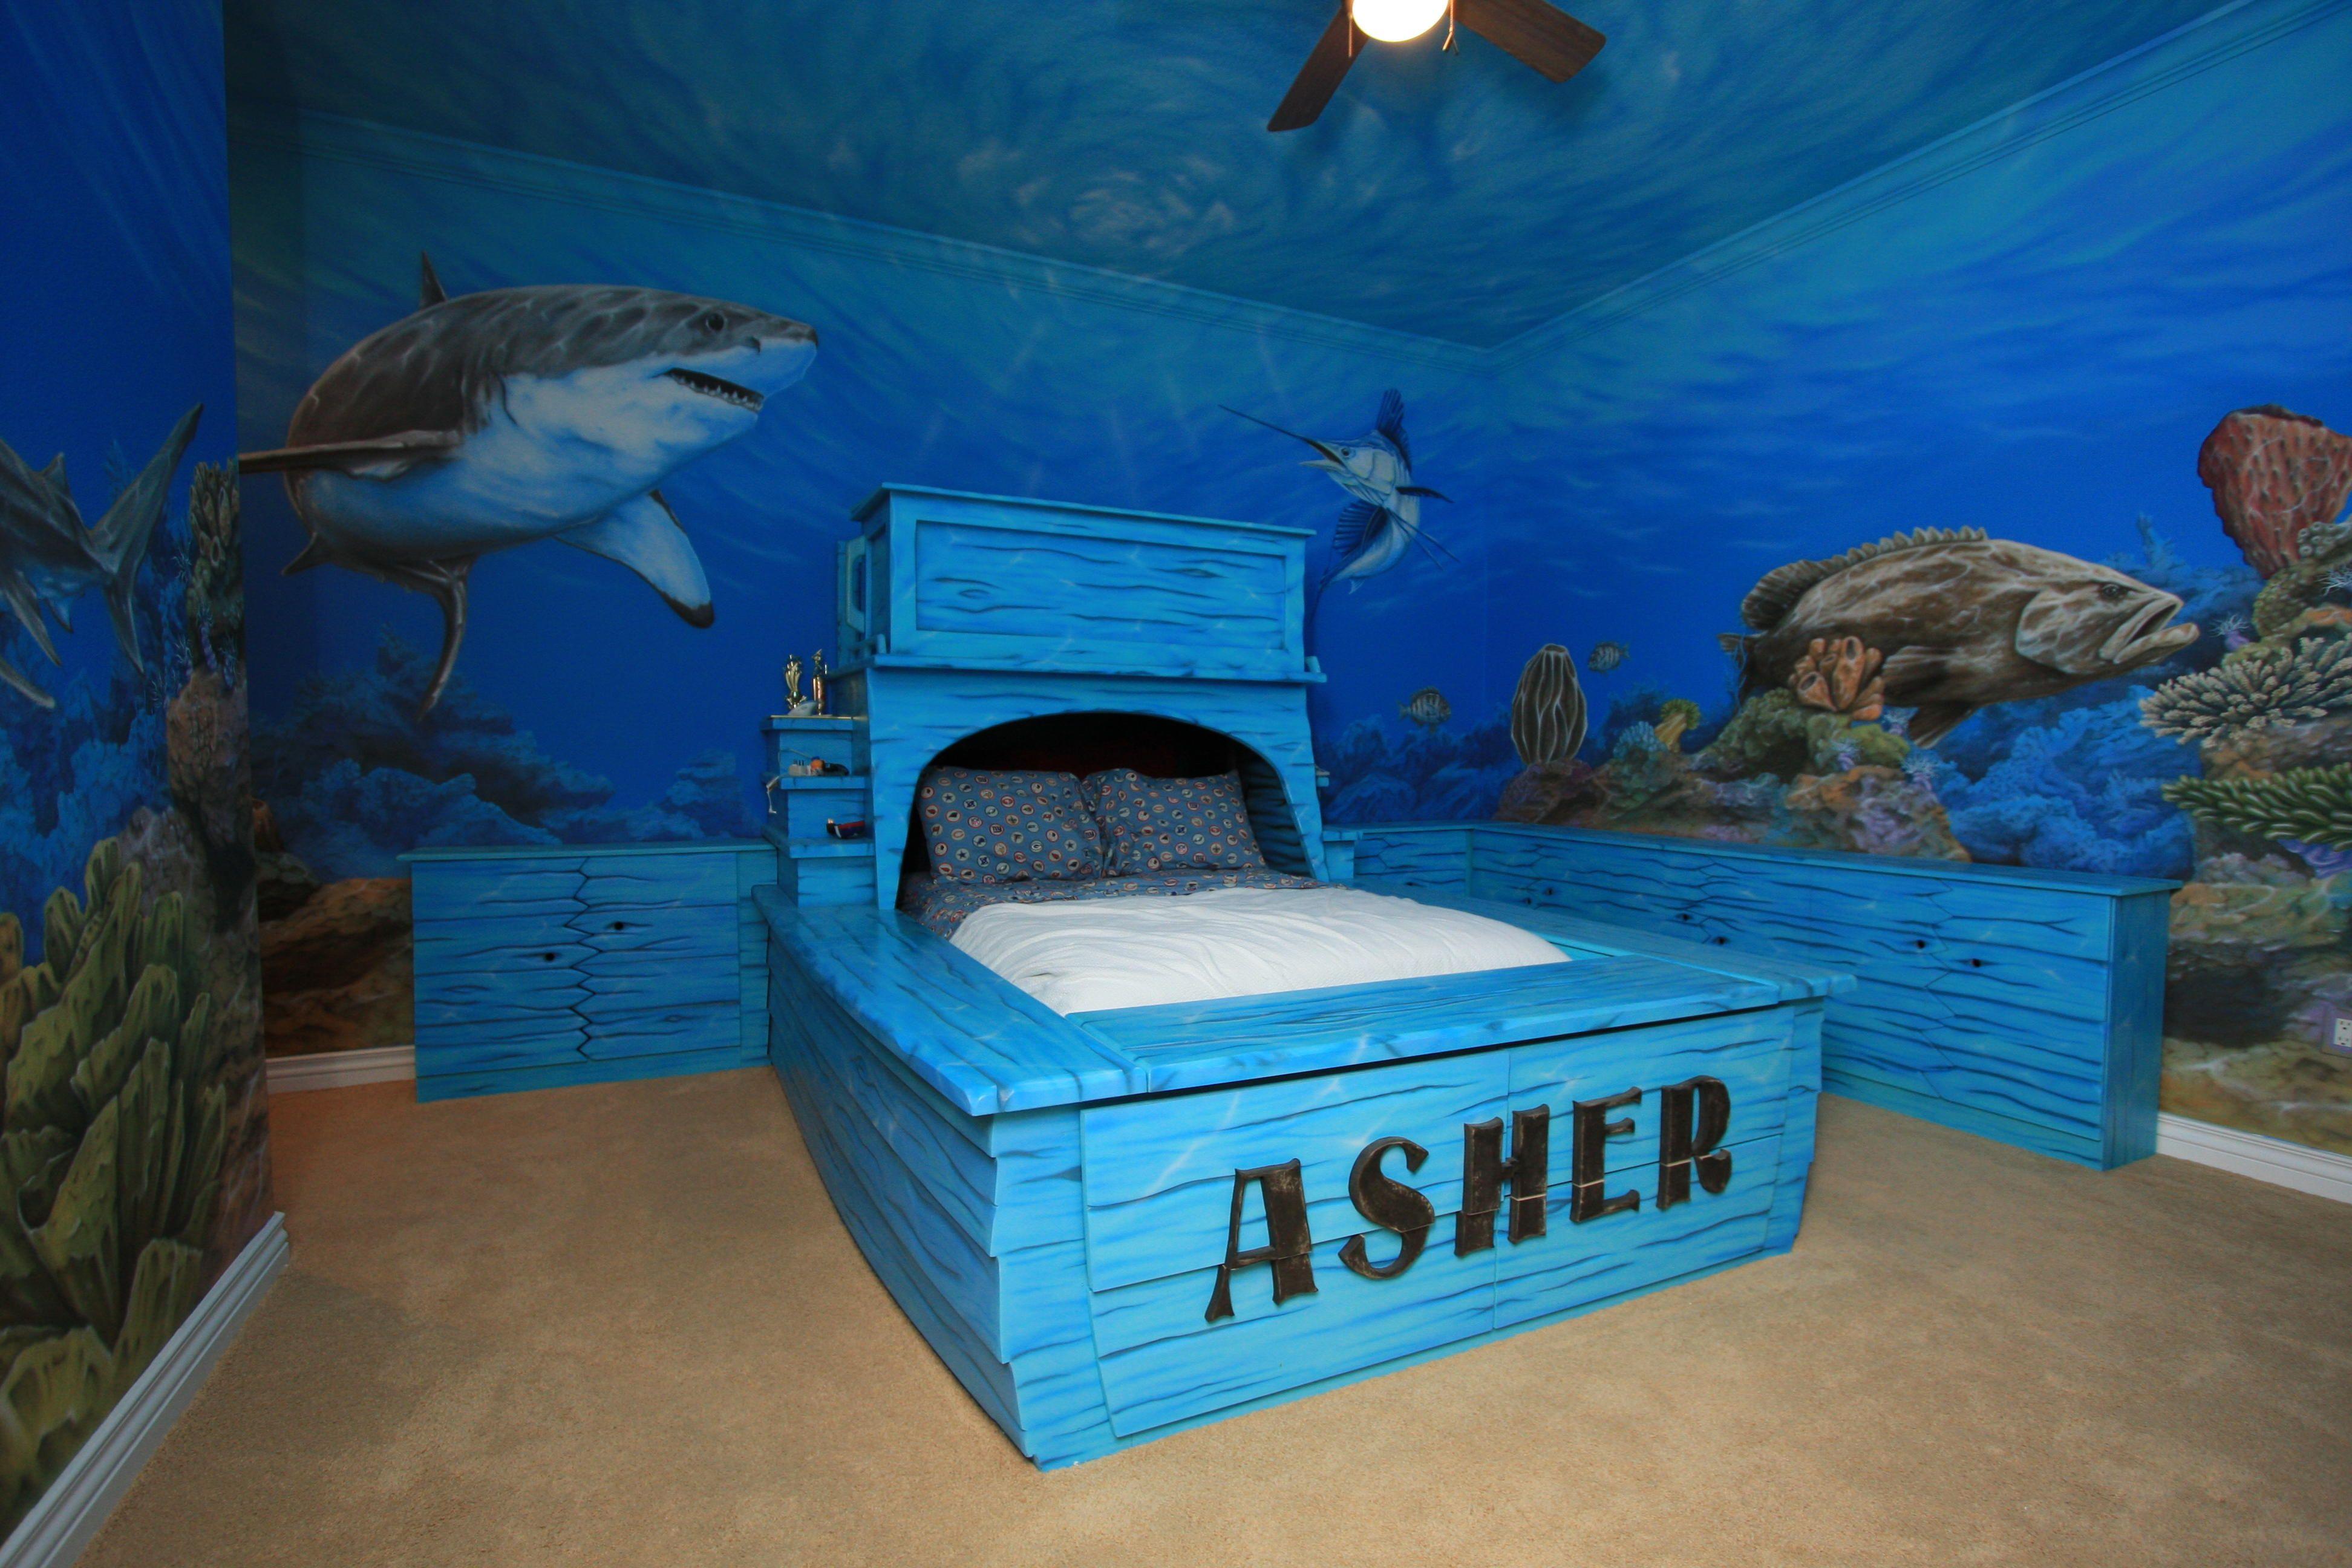 Shark Themed Bedroom Ideas - Bedroom